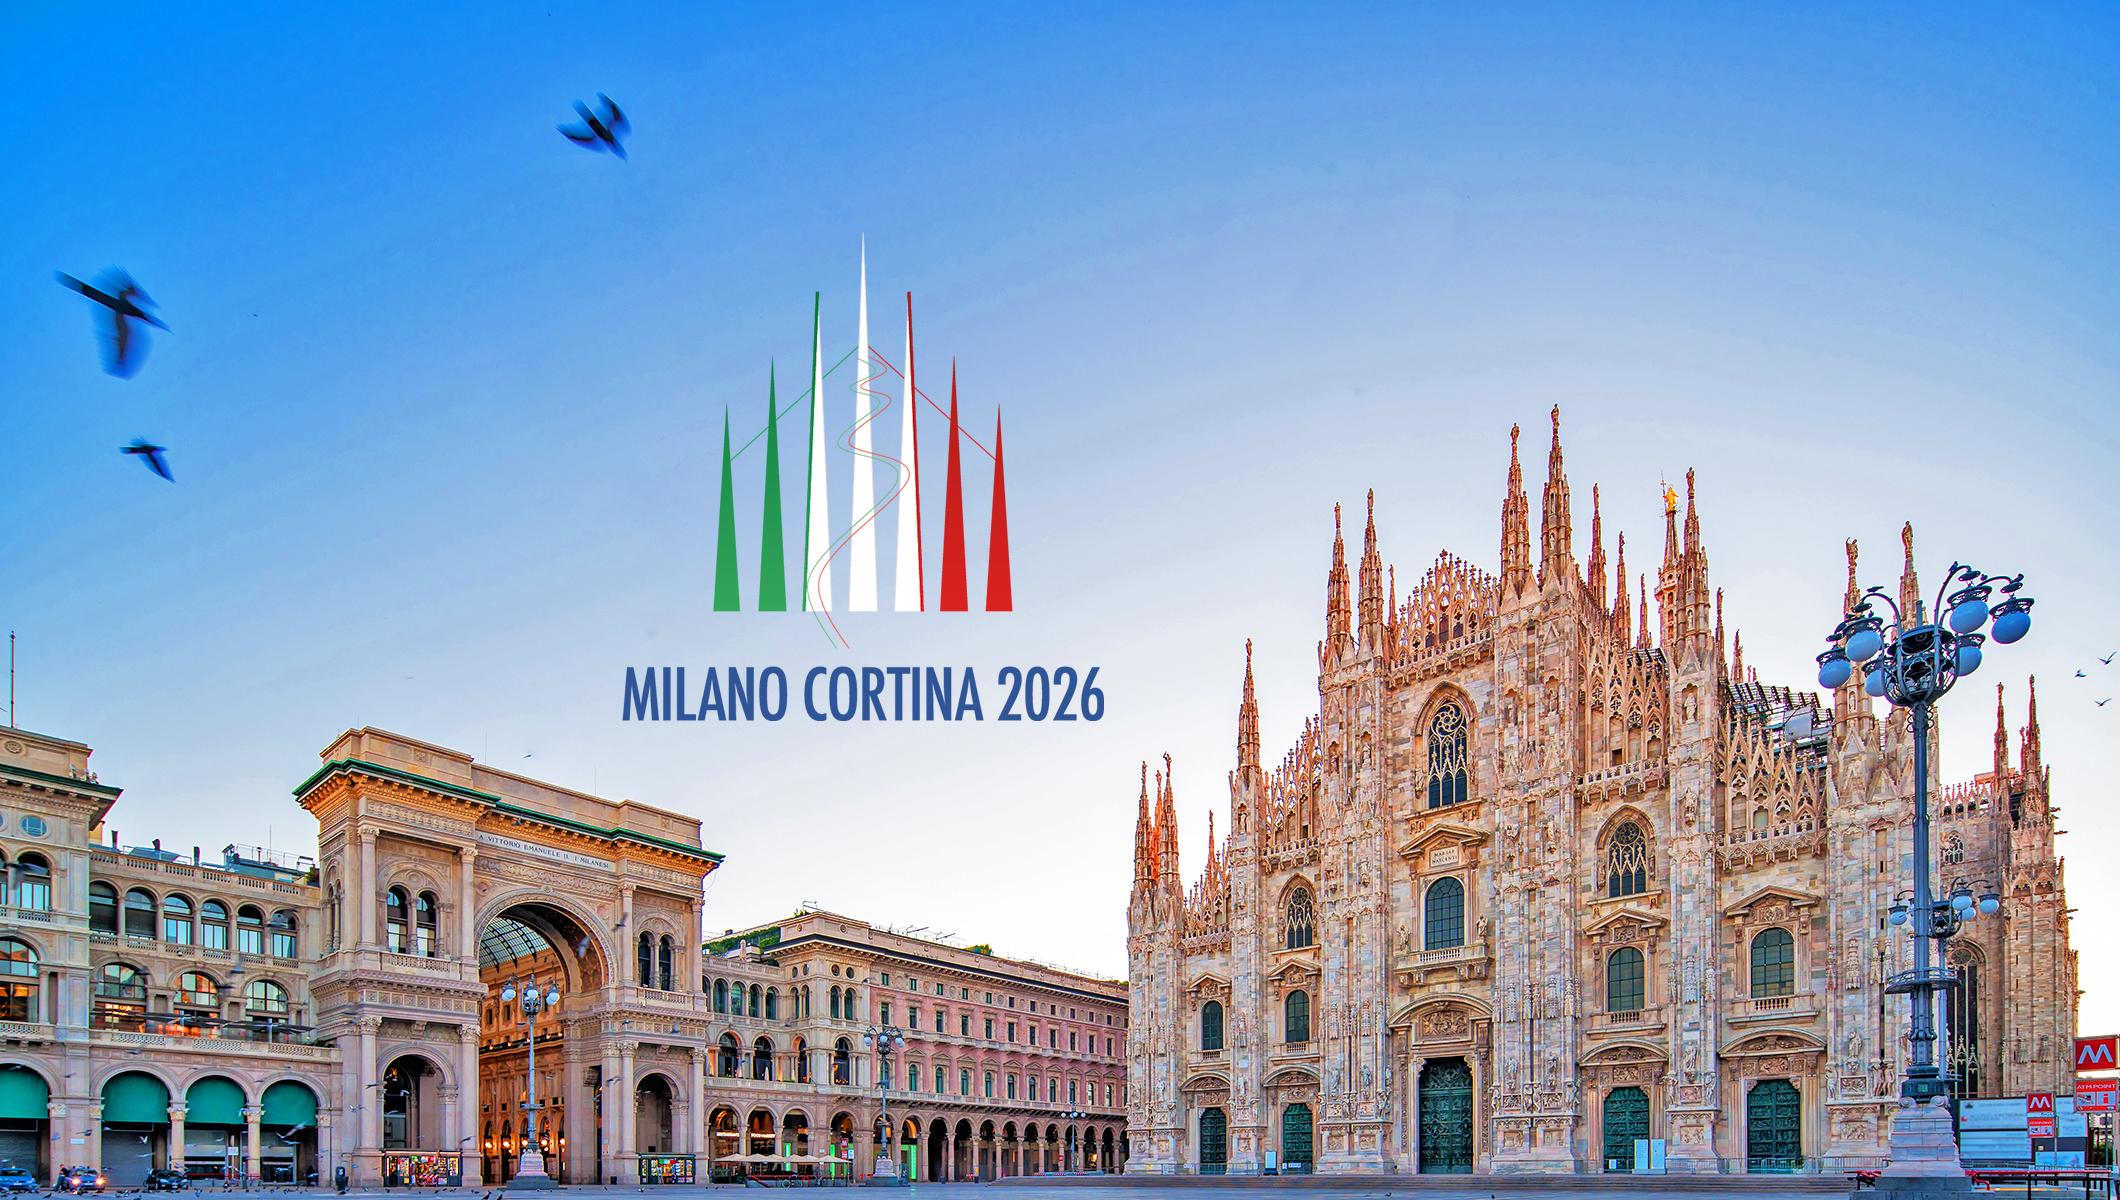 Milano Cortina